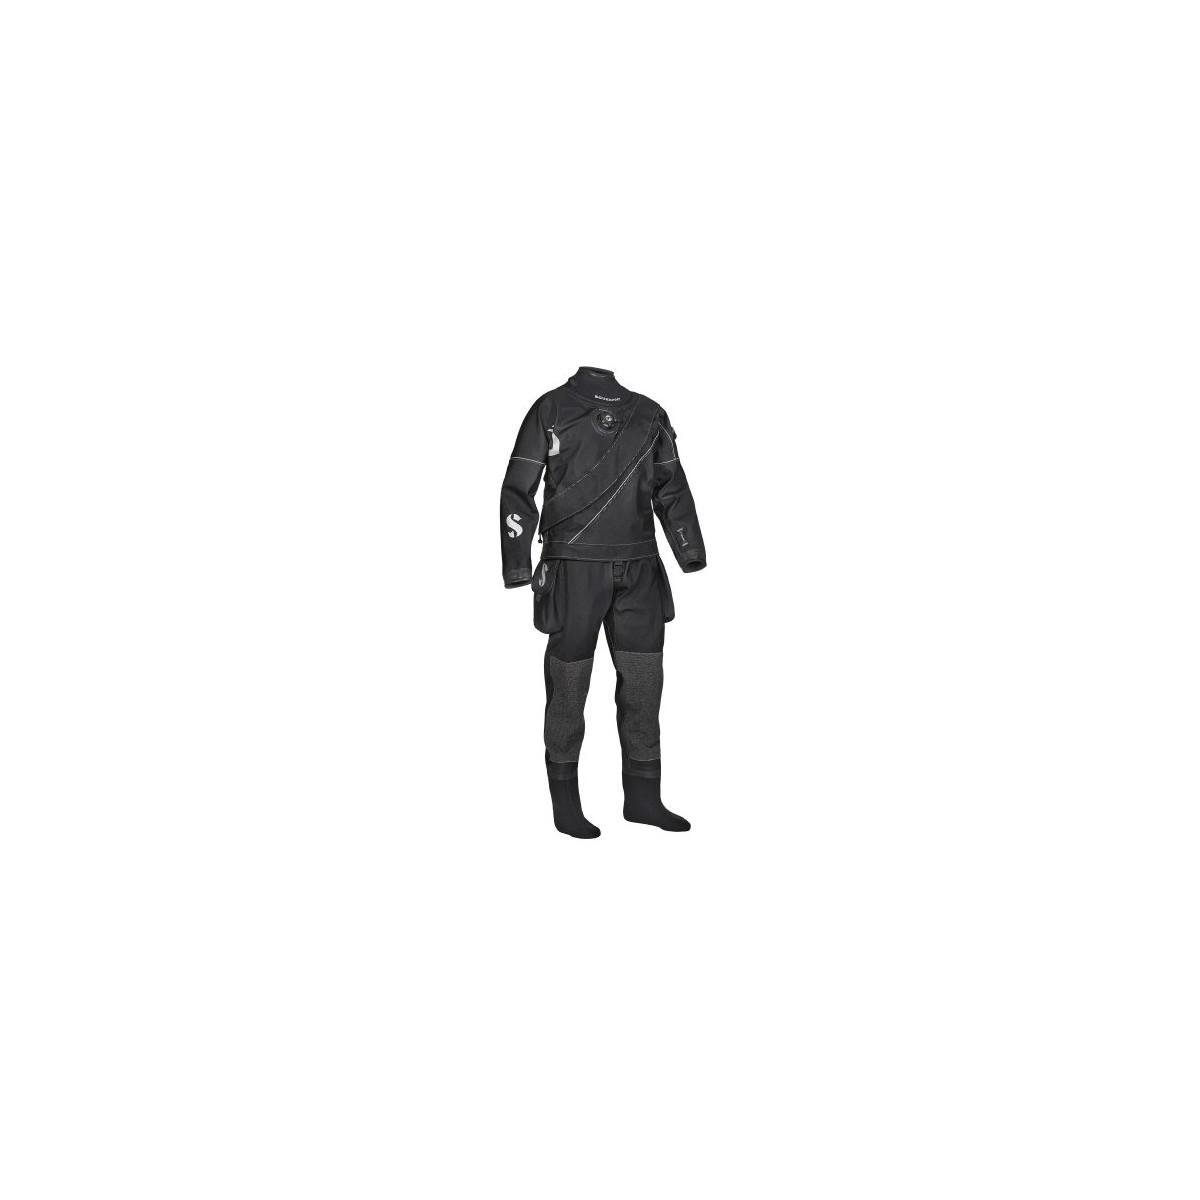 Evertec LT DrysSuit